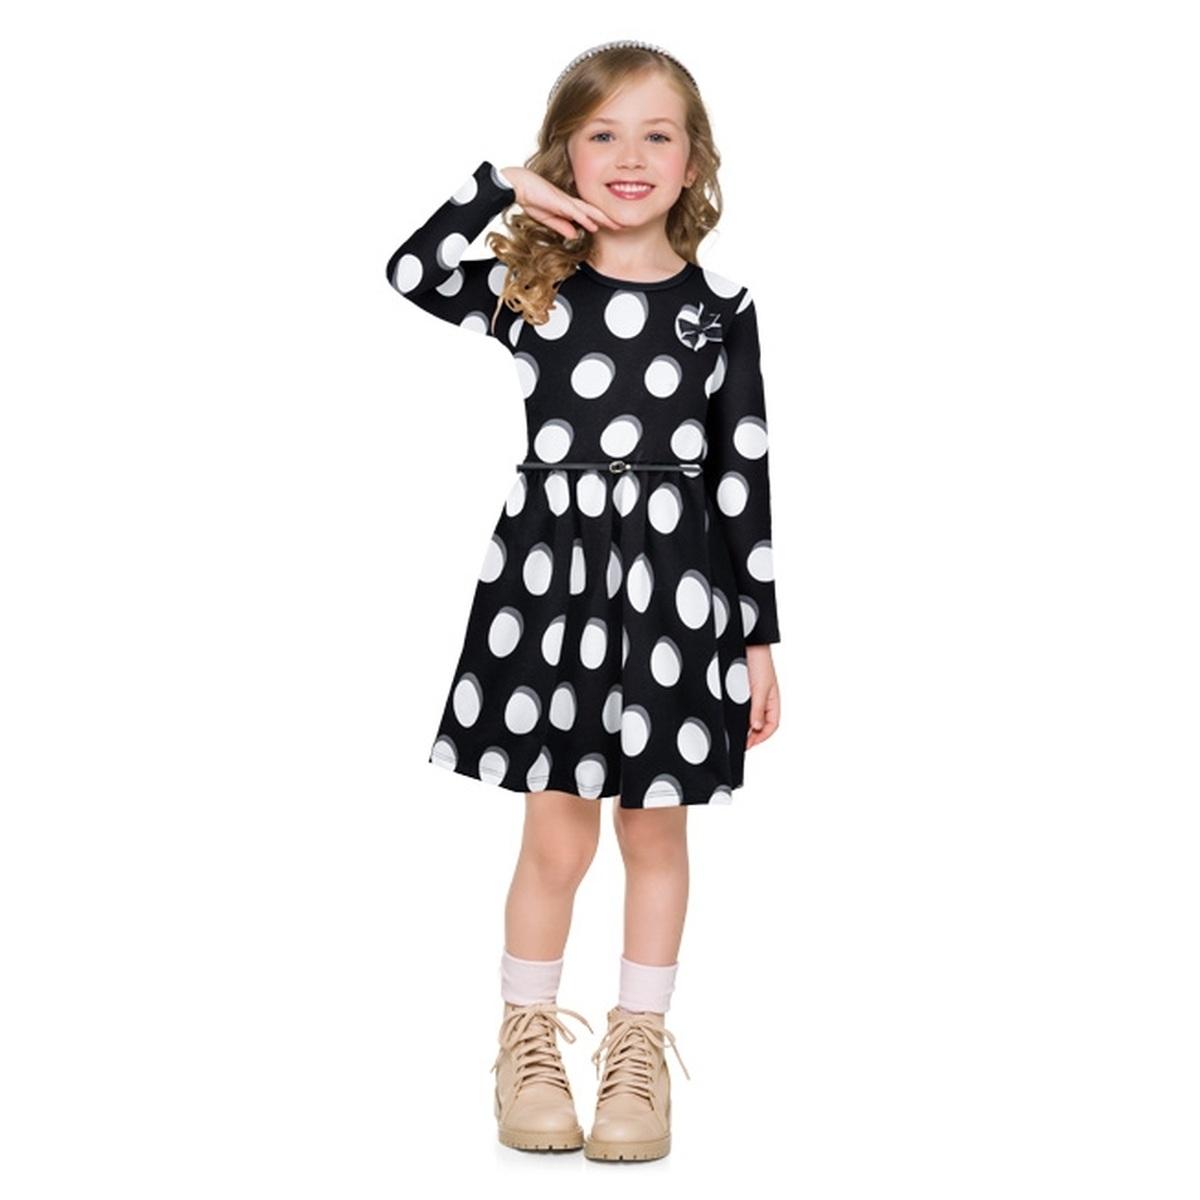 Vestido Infantil Milon em Moletinho cor Preto